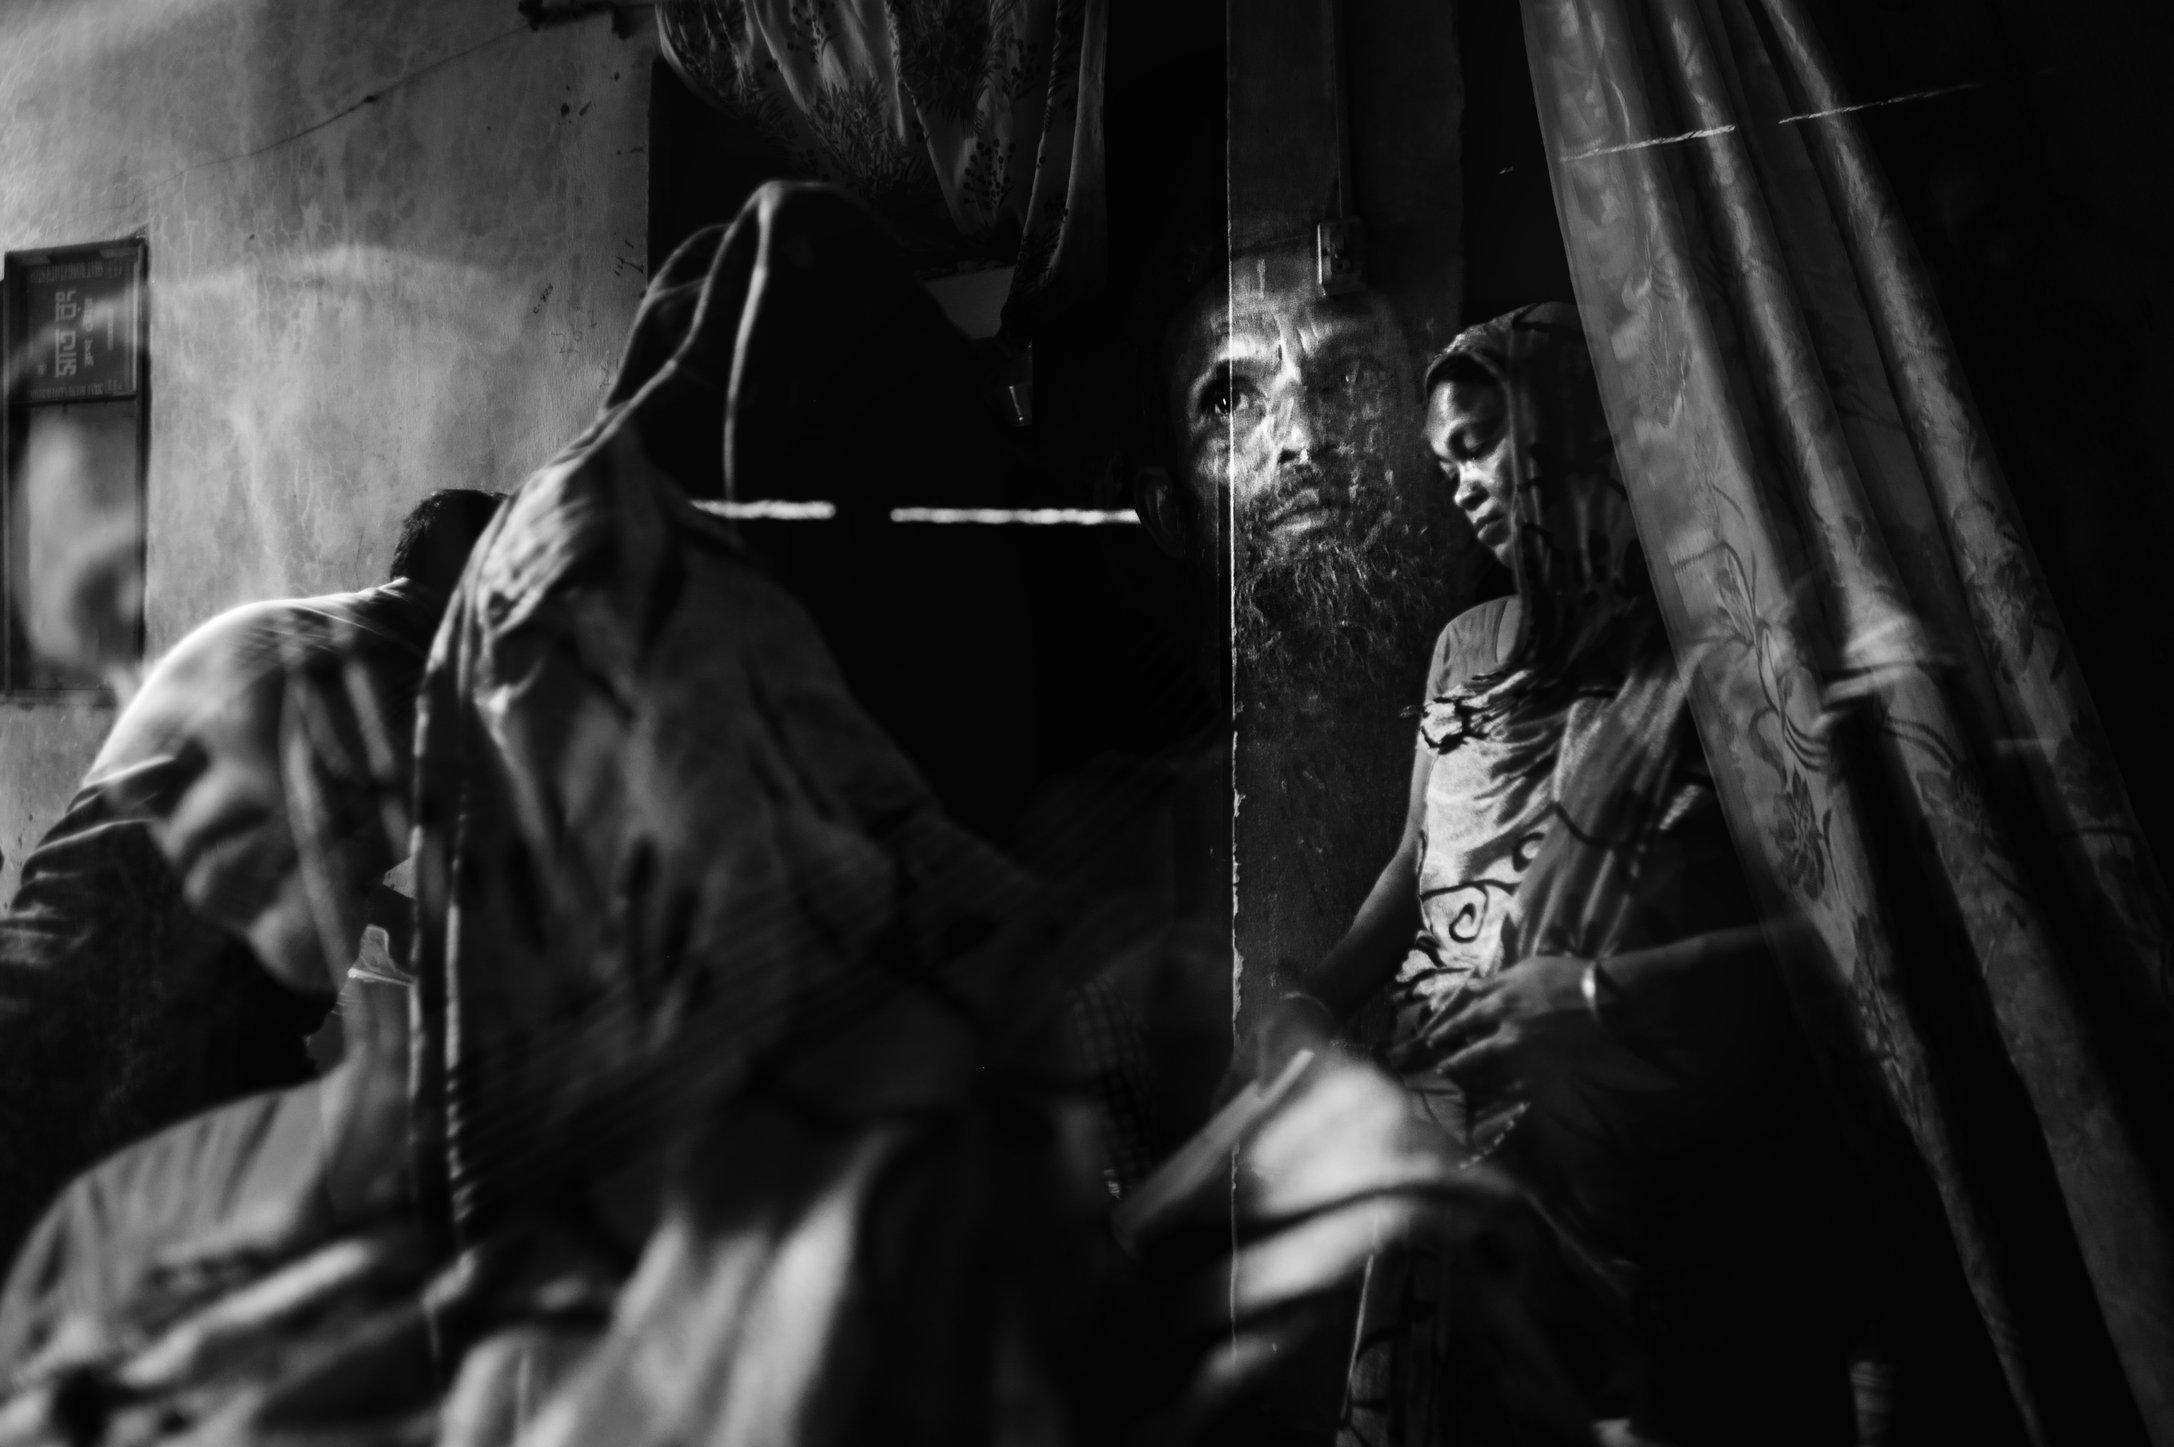 2014 | Savar, Dhaka [Bangladesh]